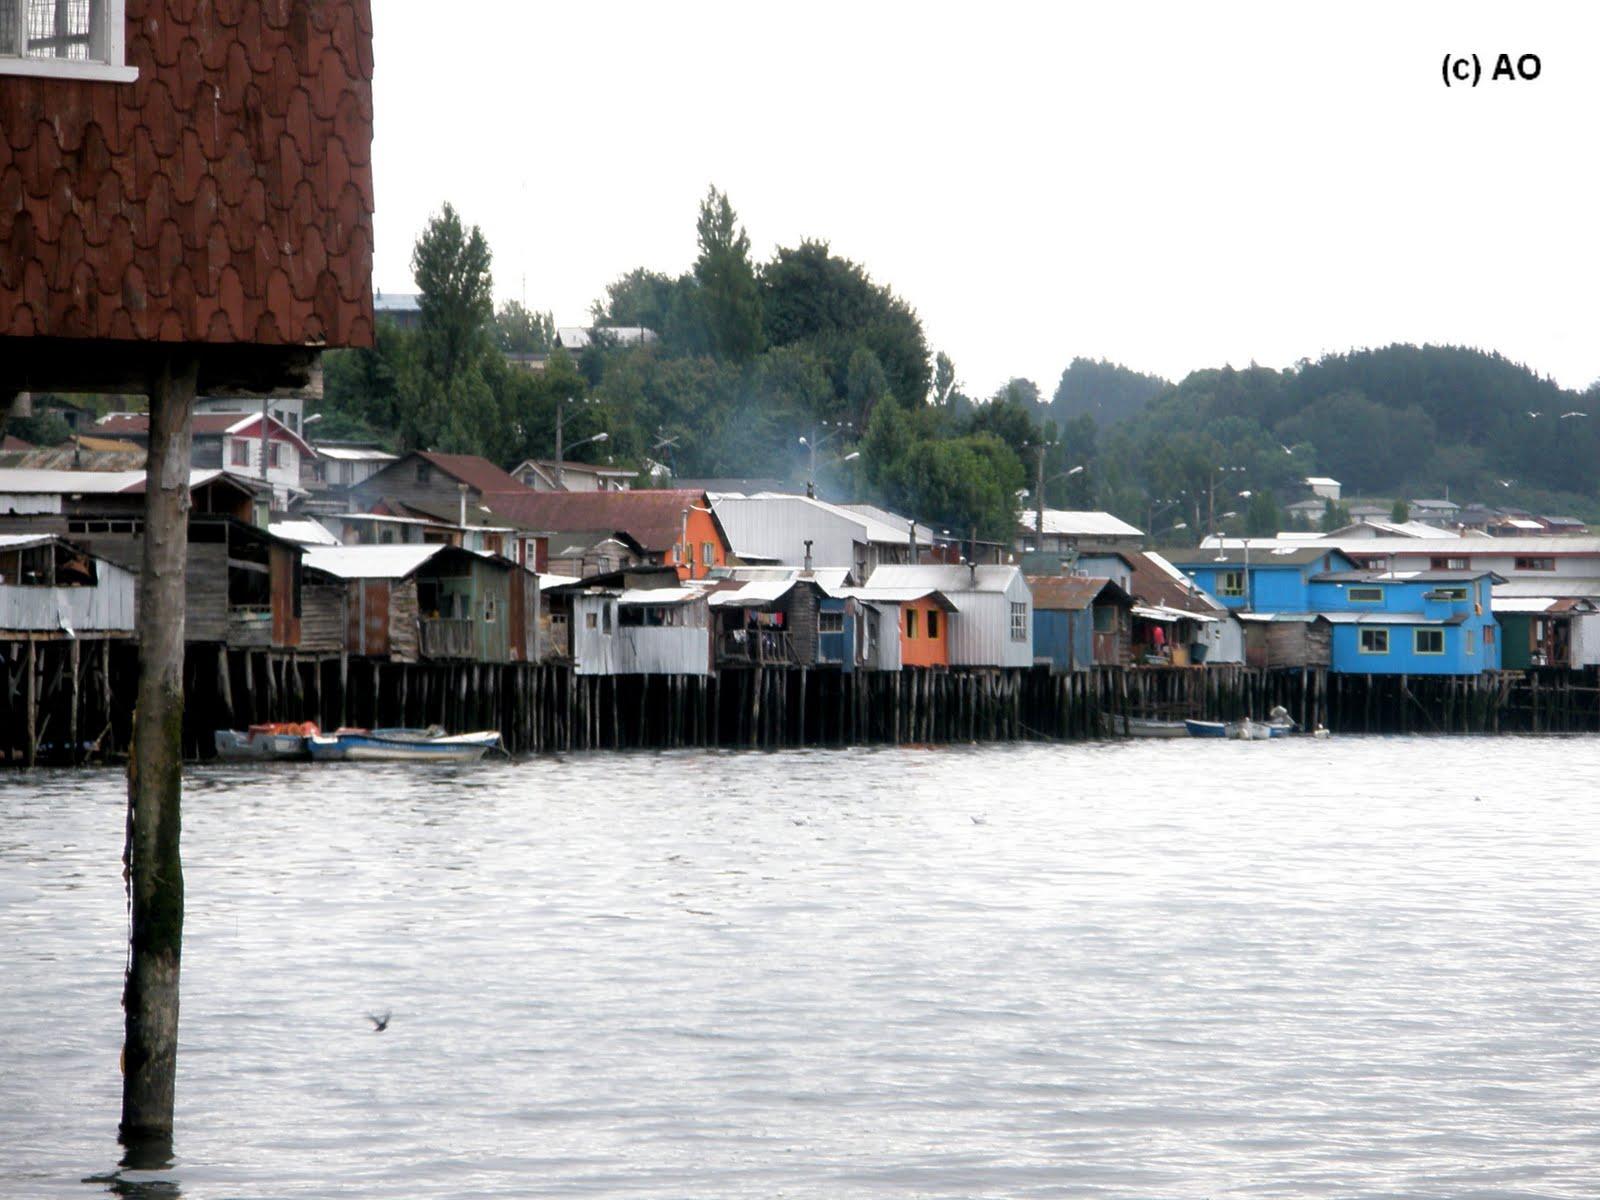 los palafitos casas sobre agua castro isla grande de chilo x regin de los lagos chile